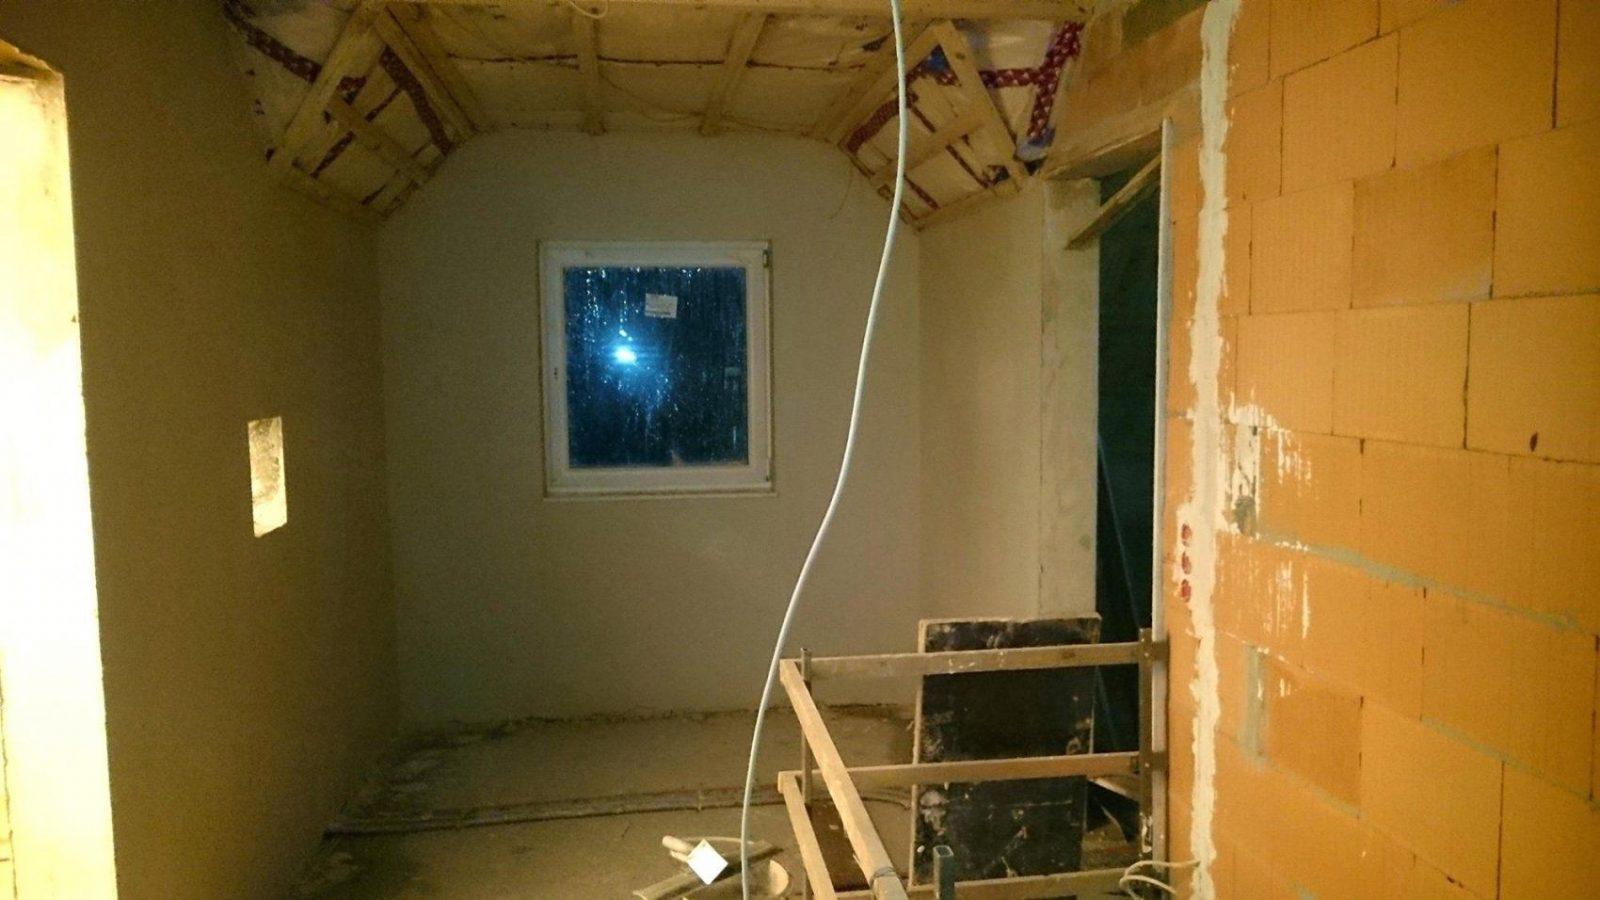 Kalkzementputz Preis Sockelputz Preisvergleich Kalk Zement Putz Sack von Wände Verputzen Kosten Pro Qm Bild